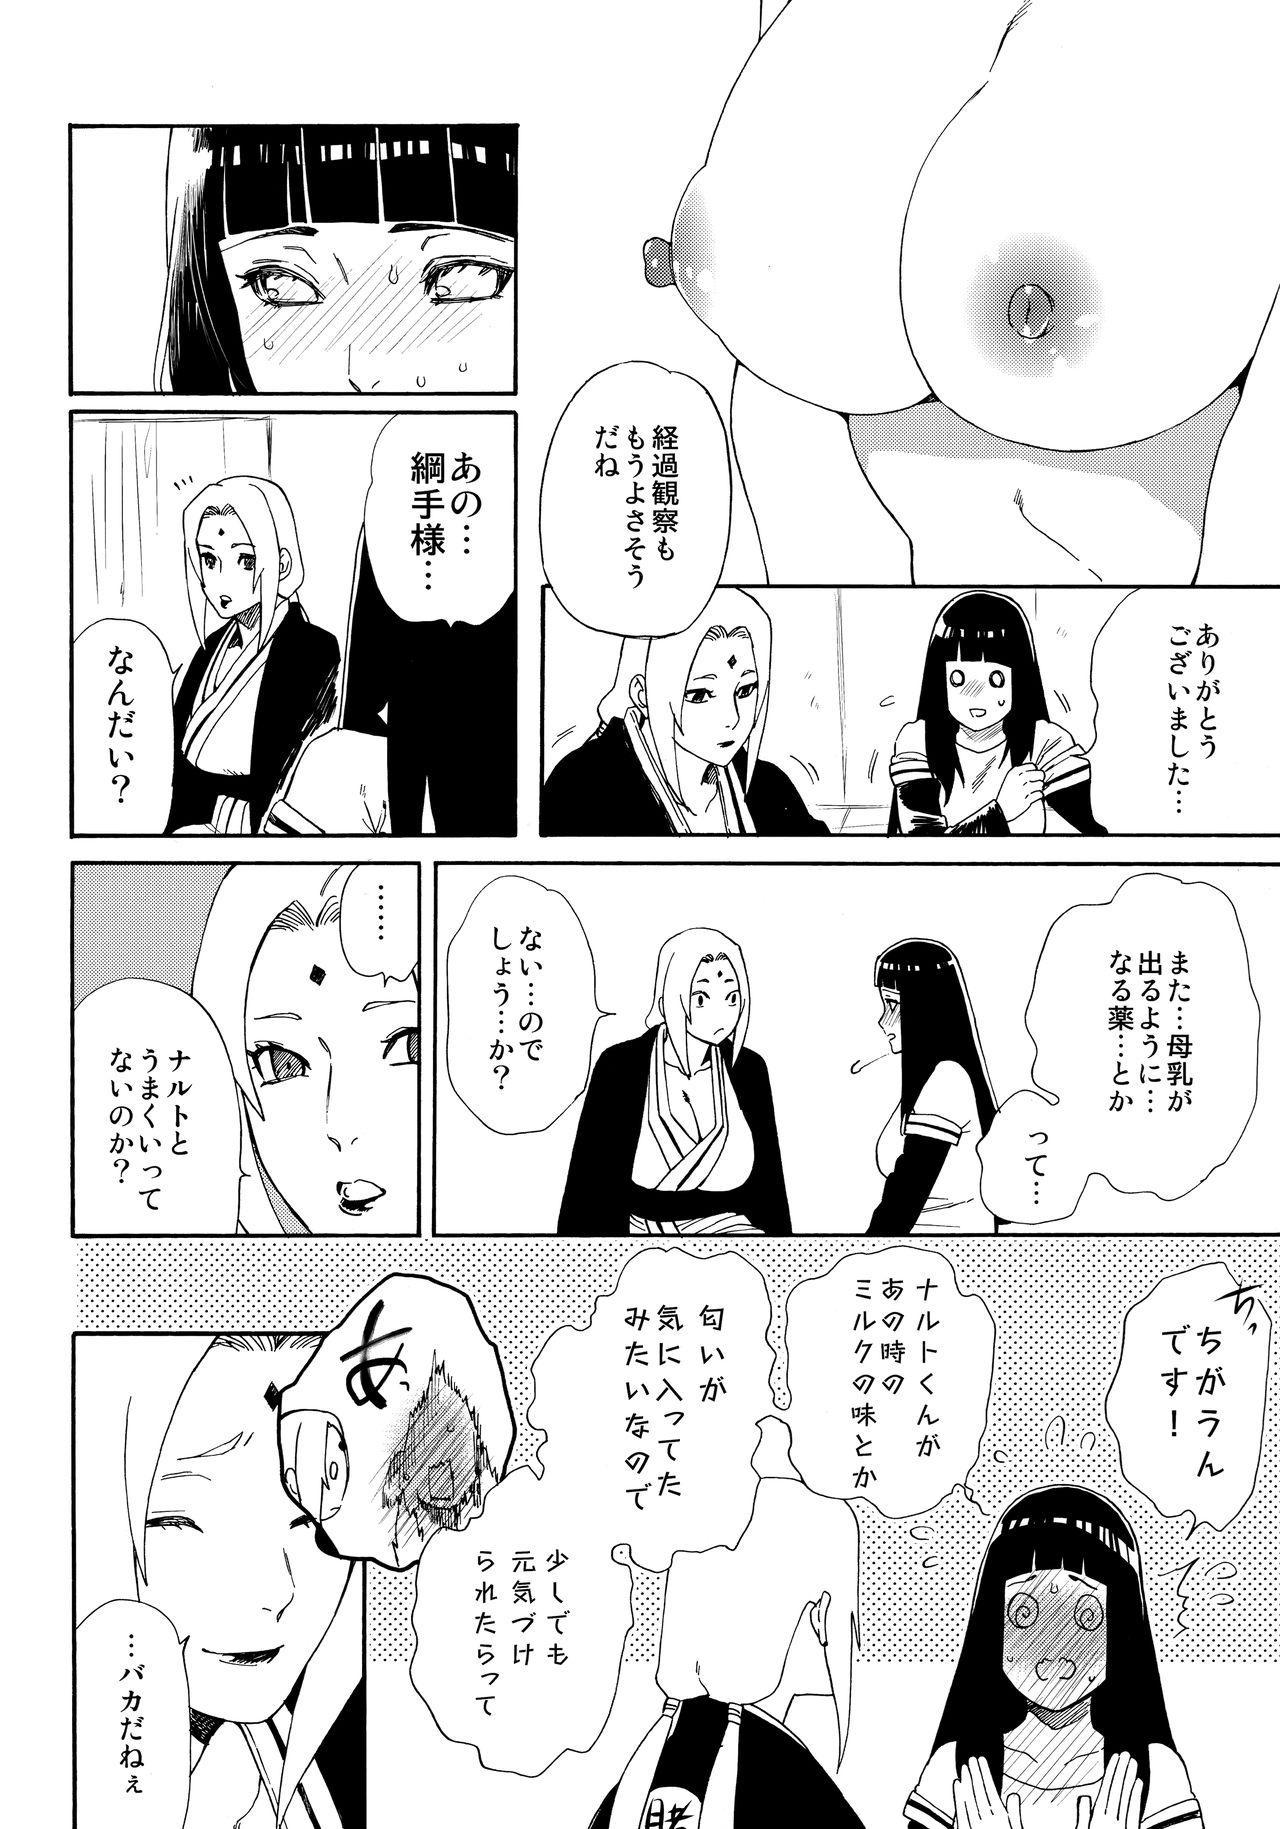 Oishii Milk 54